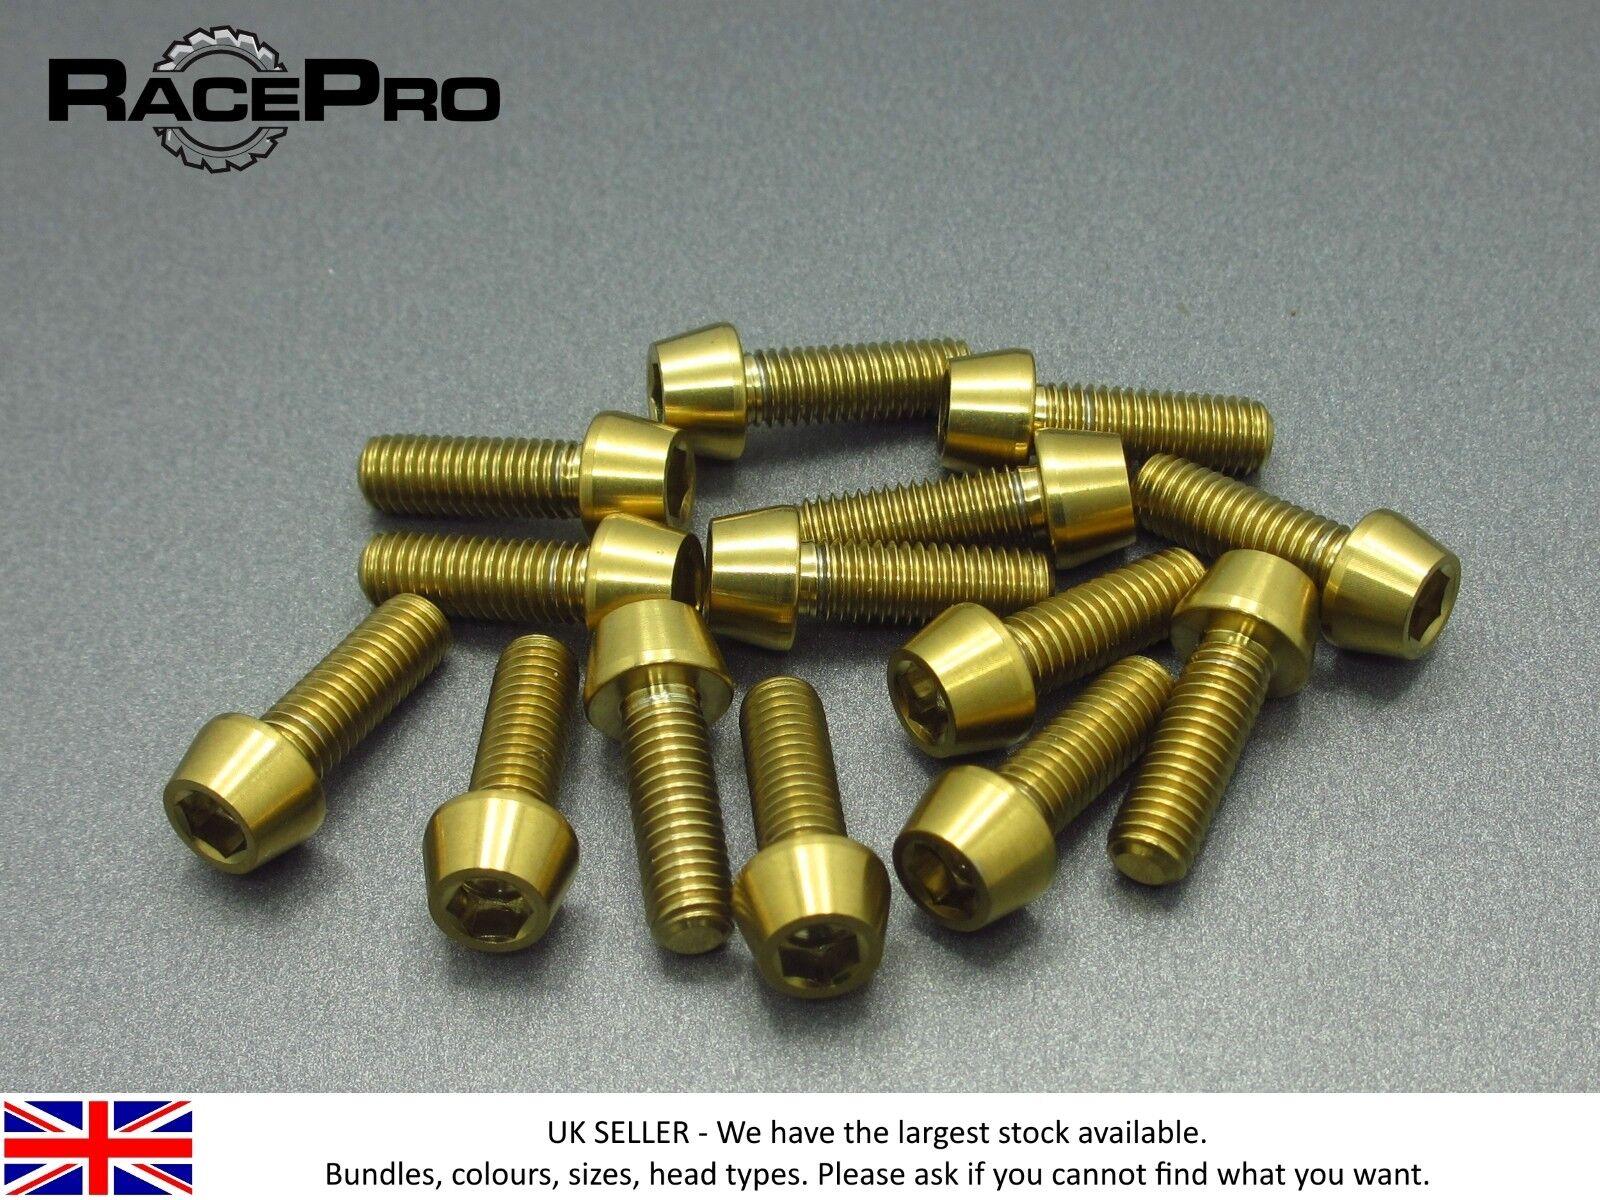 Racepro - 10x TITANE boulon conique GR5 - M6 x 25mm x 1mm - Tête Allen - Or